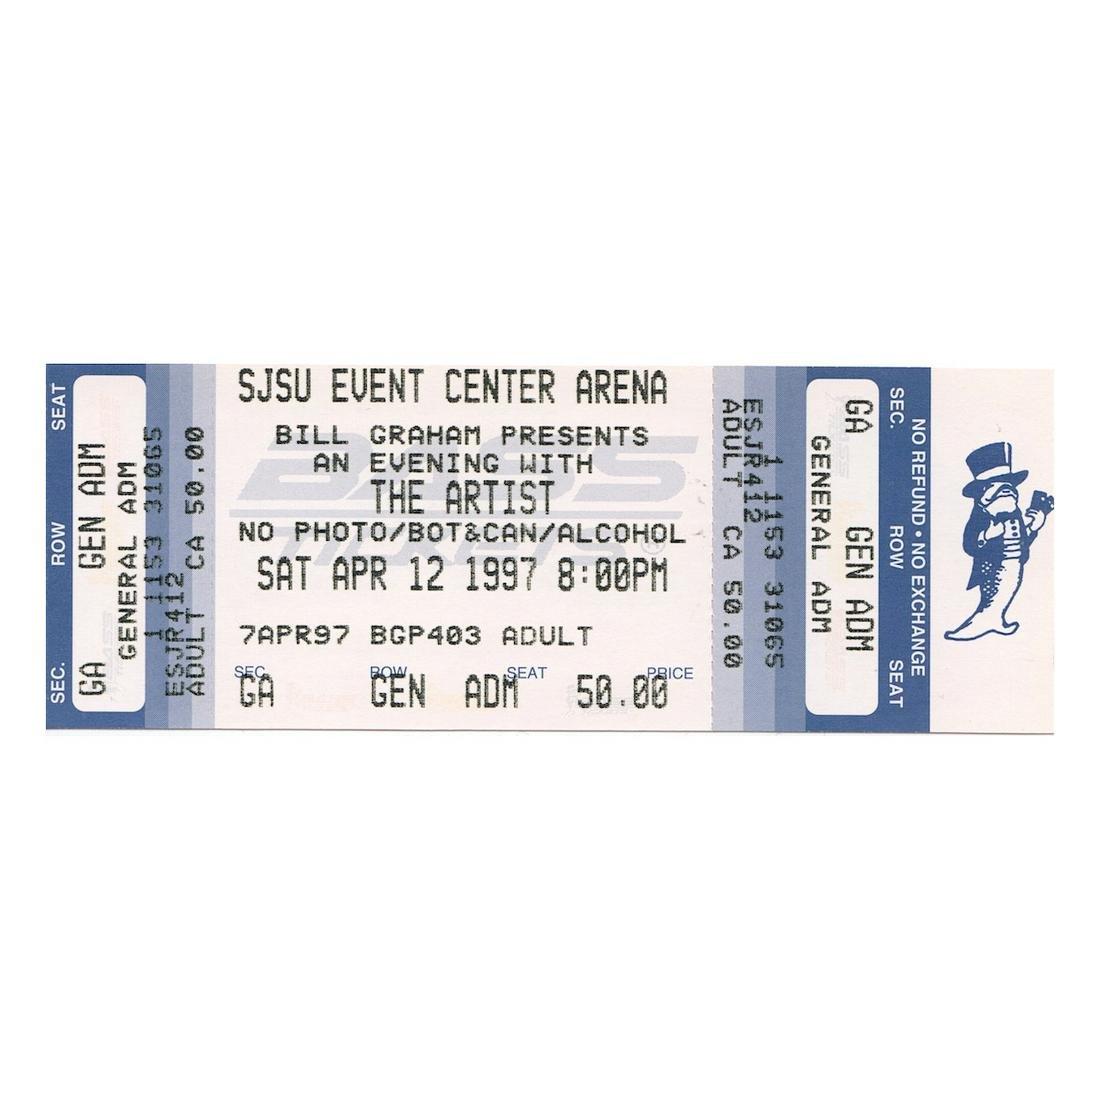 Prince - 1997 Vintage Concert Ticket